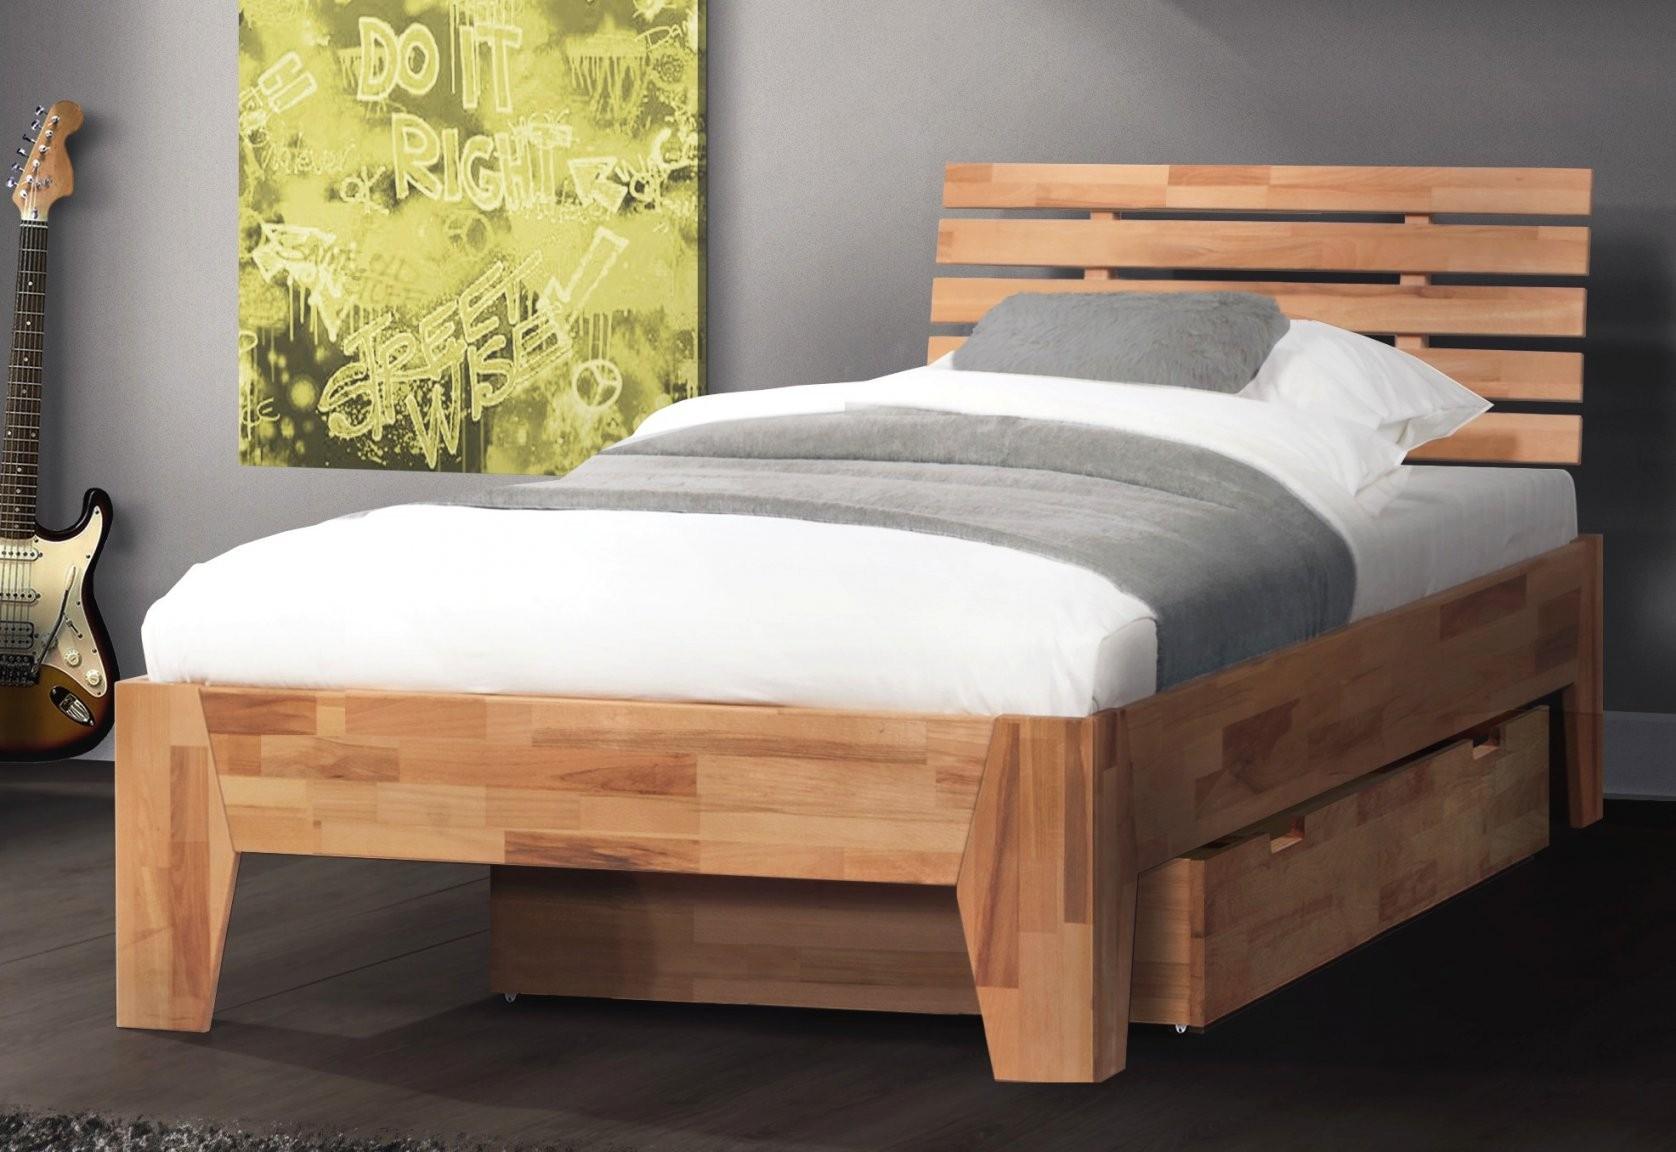 Betten Mit Matratze Und Lattenrost 140X200 Schockierend Auf Kreative von Bettgestell 140X200 Günstig Photo